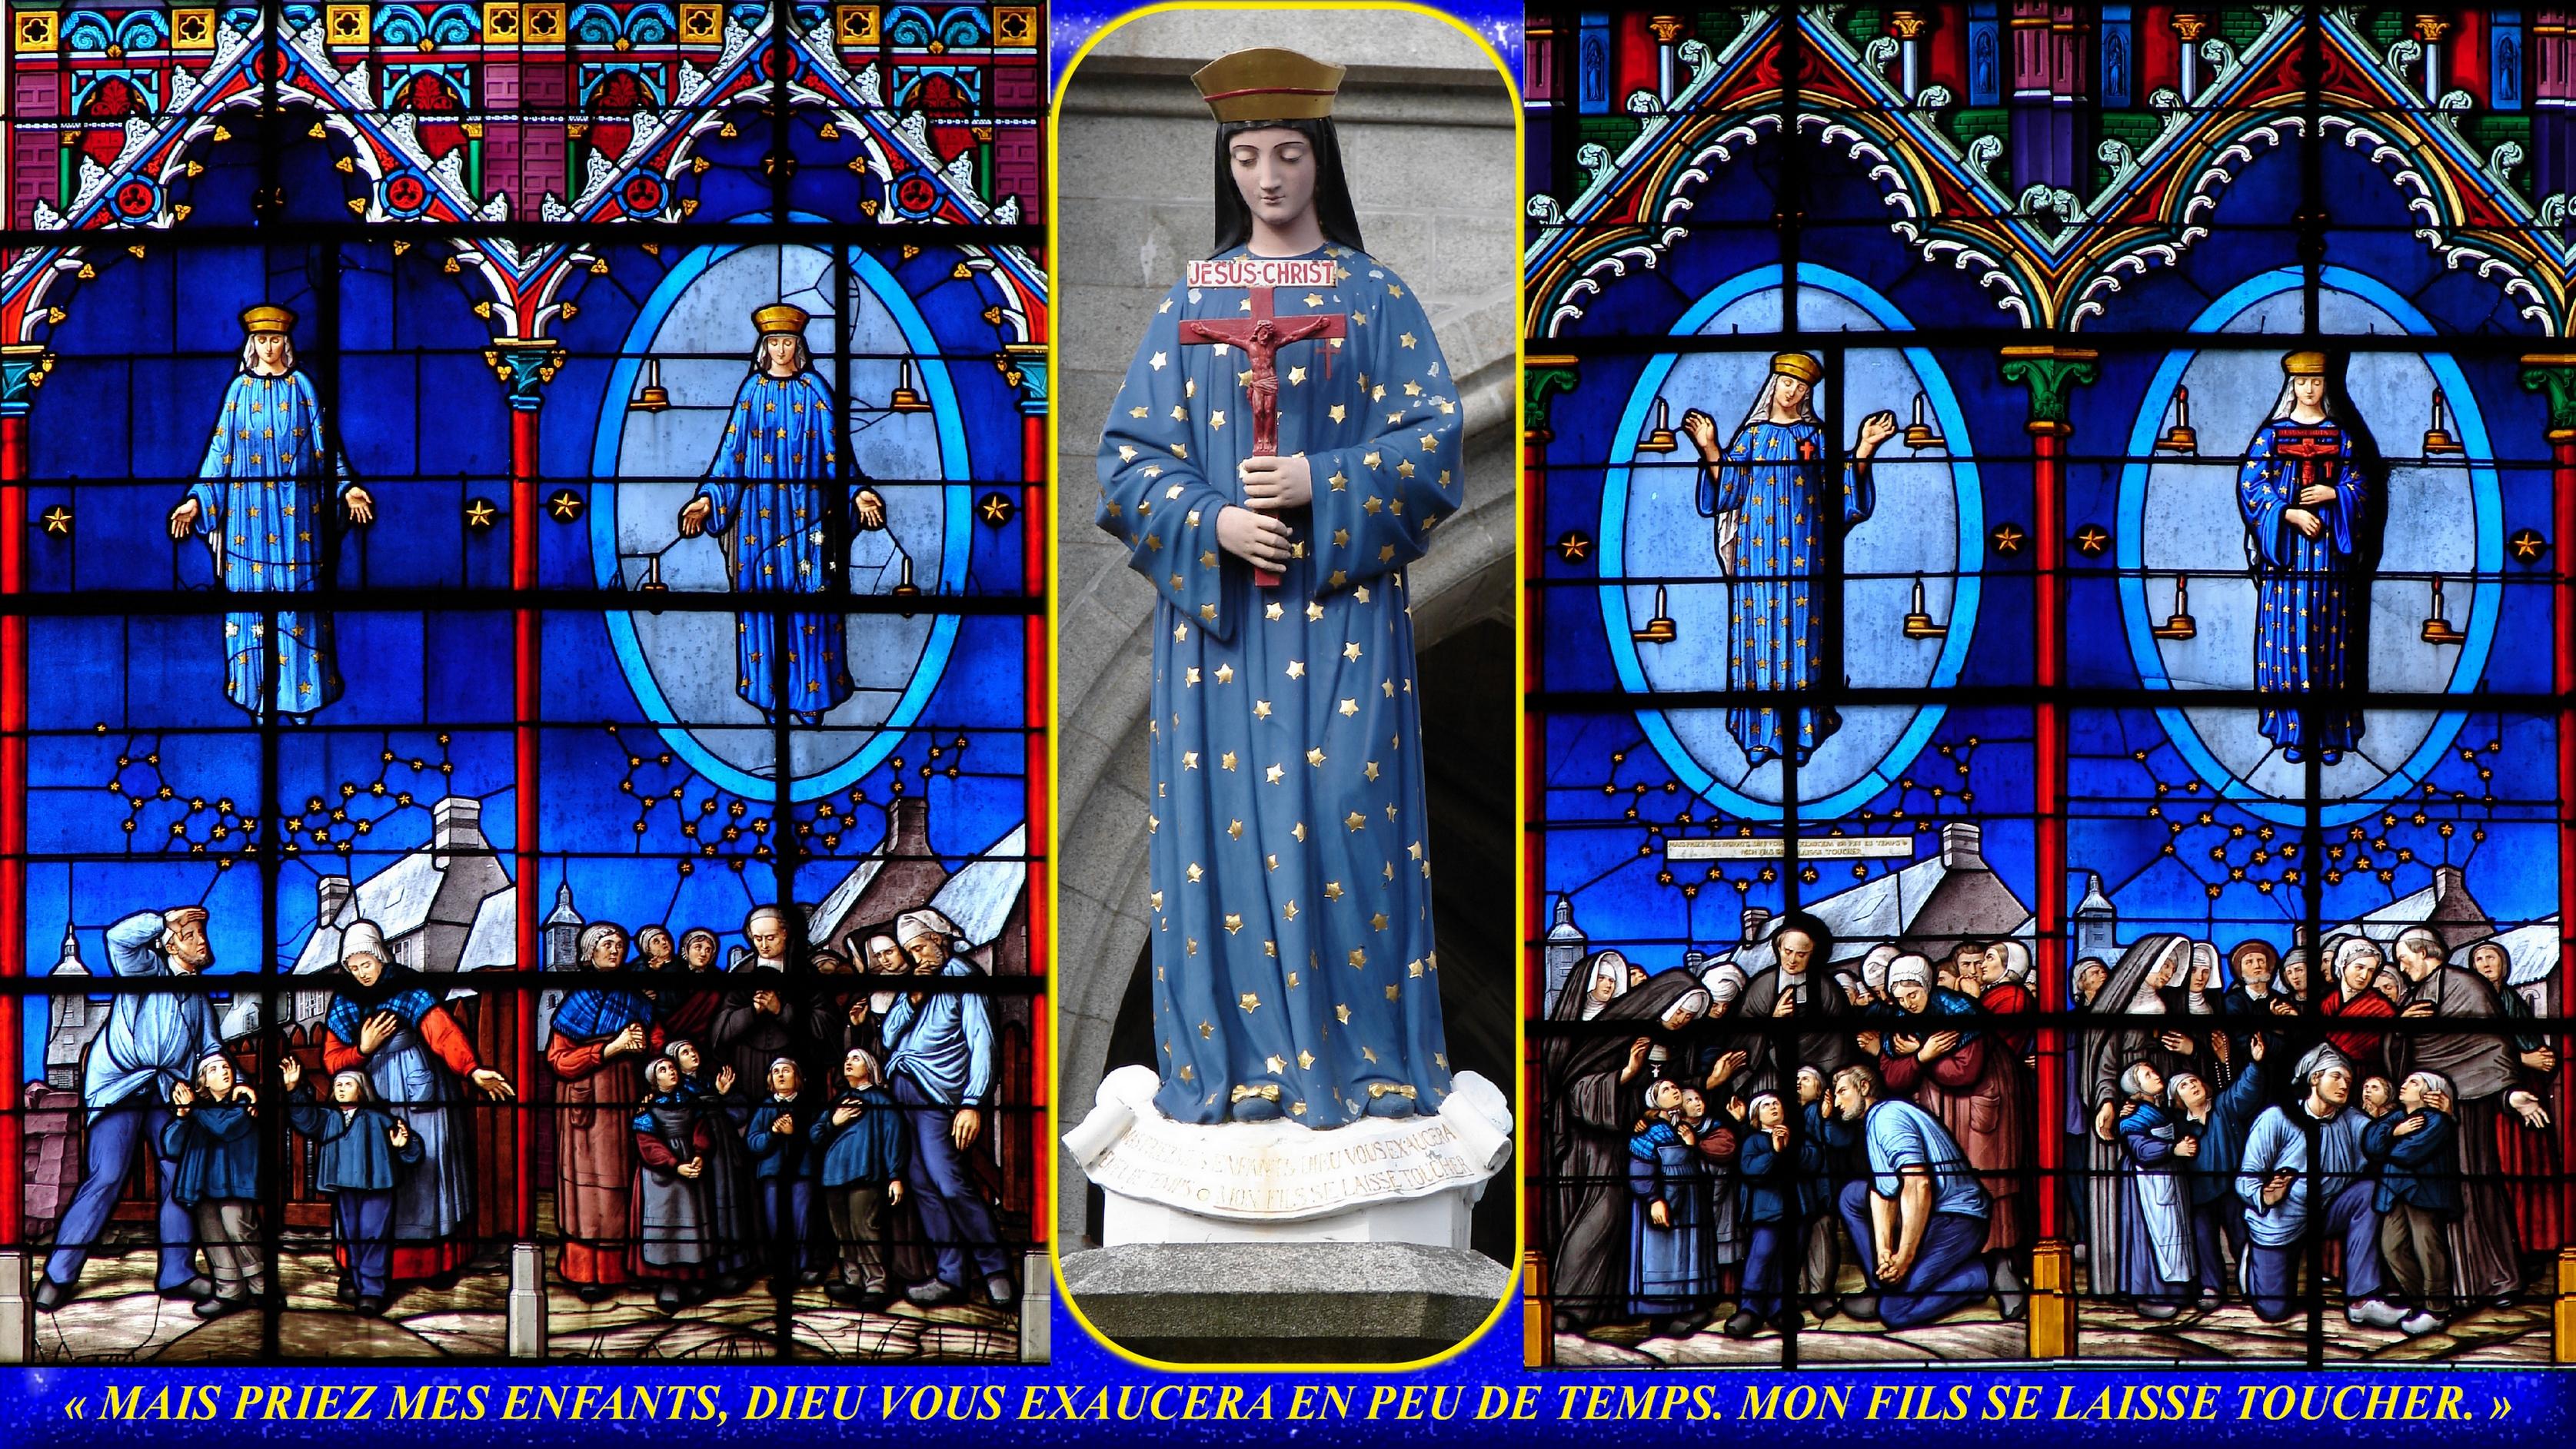 CALENDRIER CATHOLIQUE 2020 (Cantiques, Prières & Images) - Page 2 Notre-dame-de-pon...arition--55a0ff9